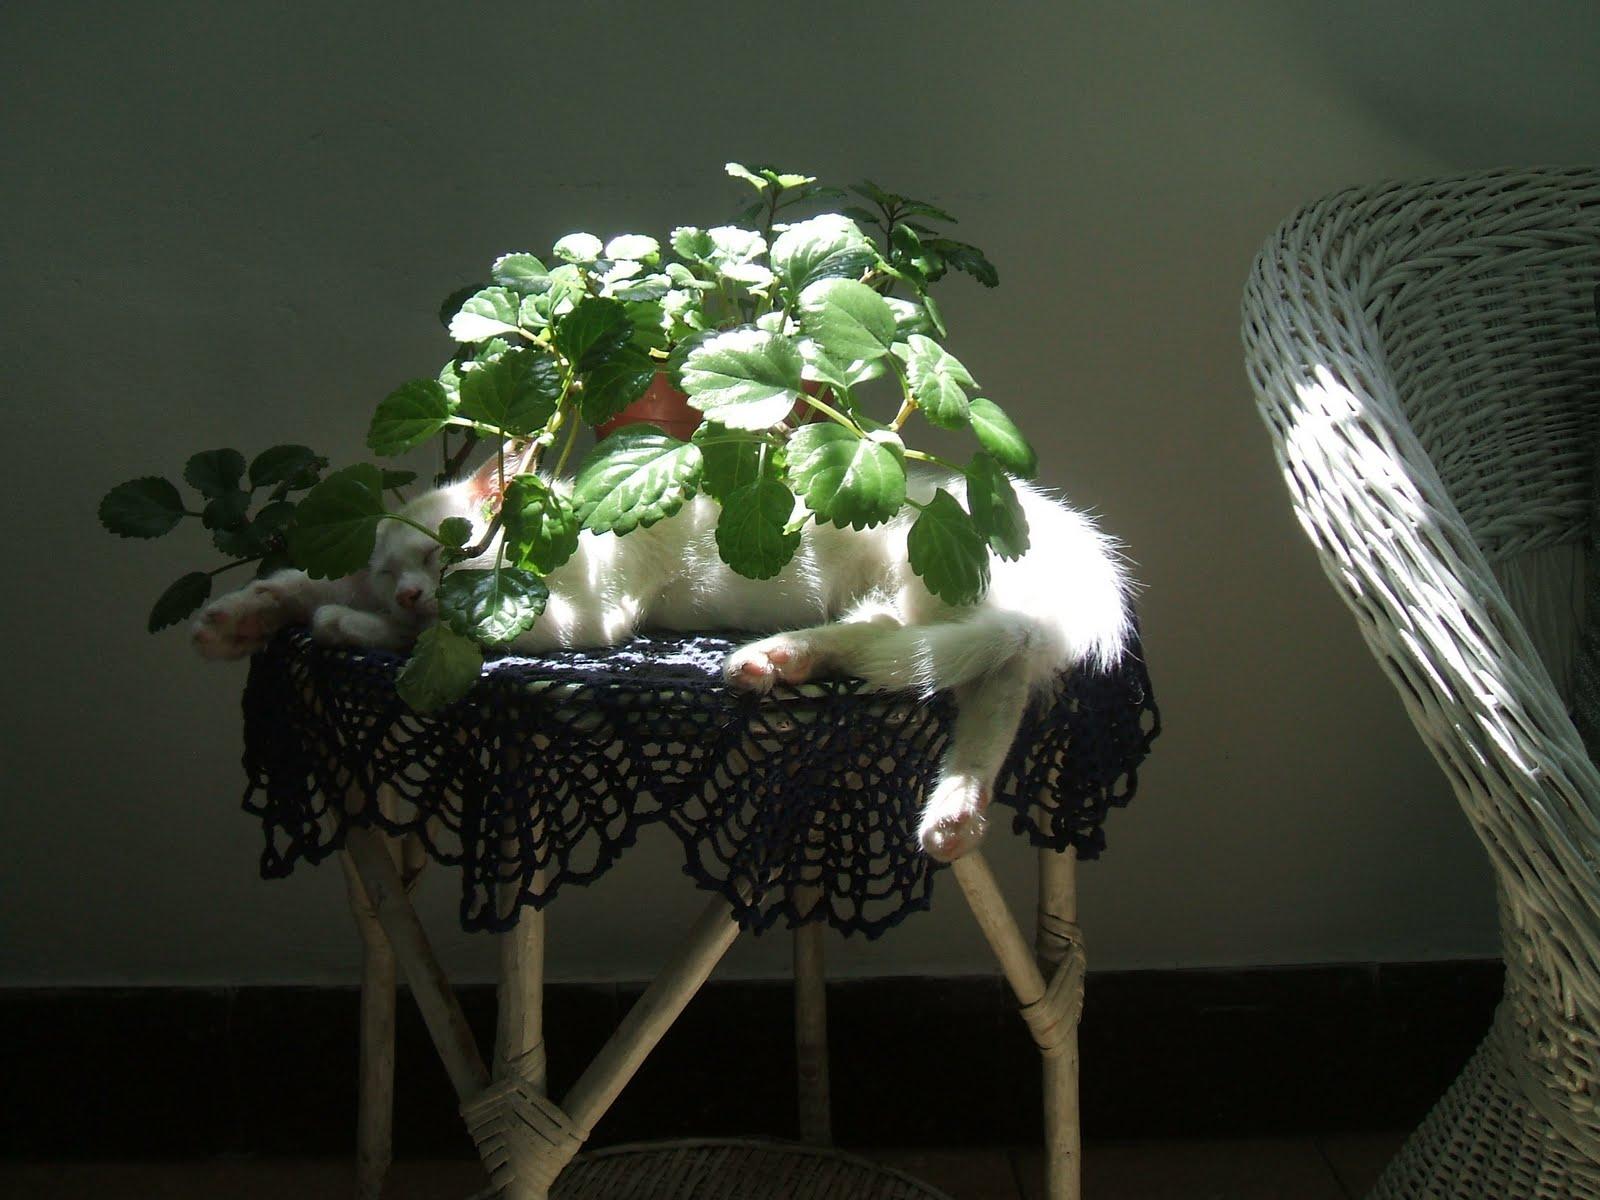 Un viejo gato azul plantas venenosas para el gato - Plantas venenosas para gatos ...